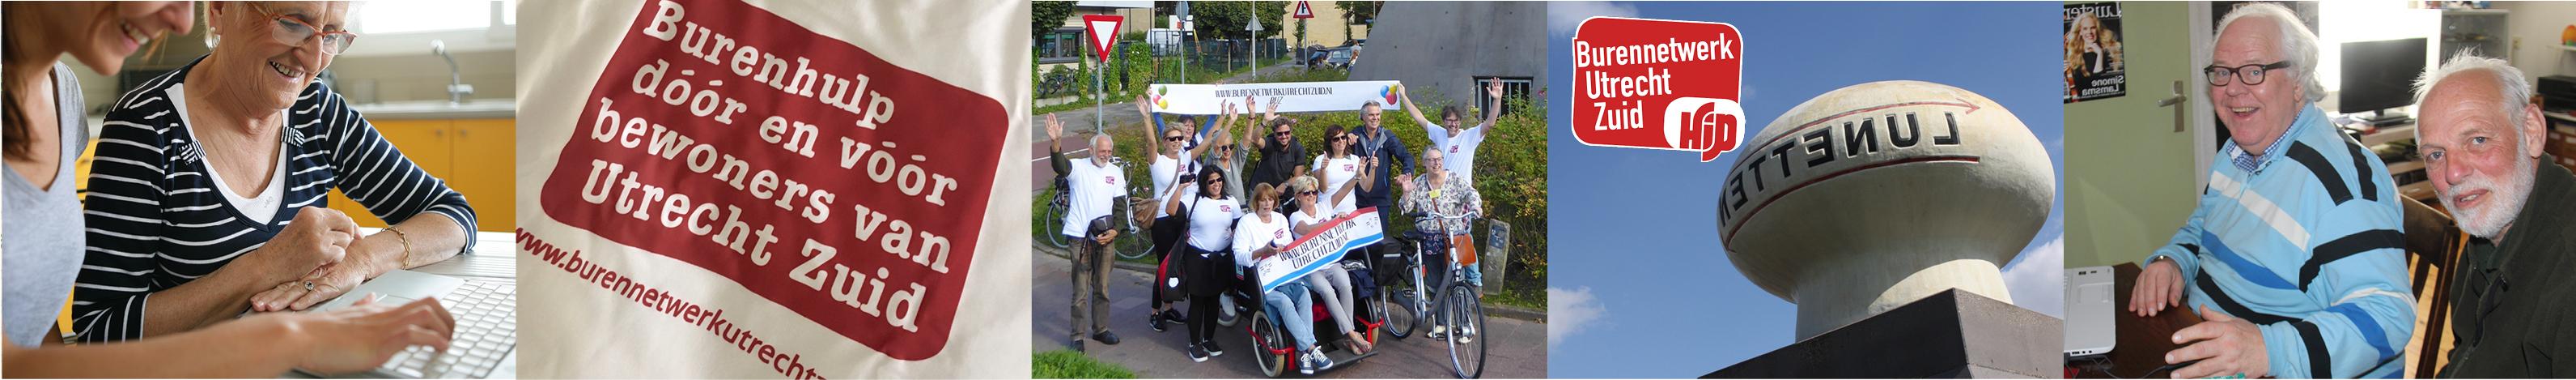 Burennetwerk Utrecht Zuid: klussendienst en bezoekgroep